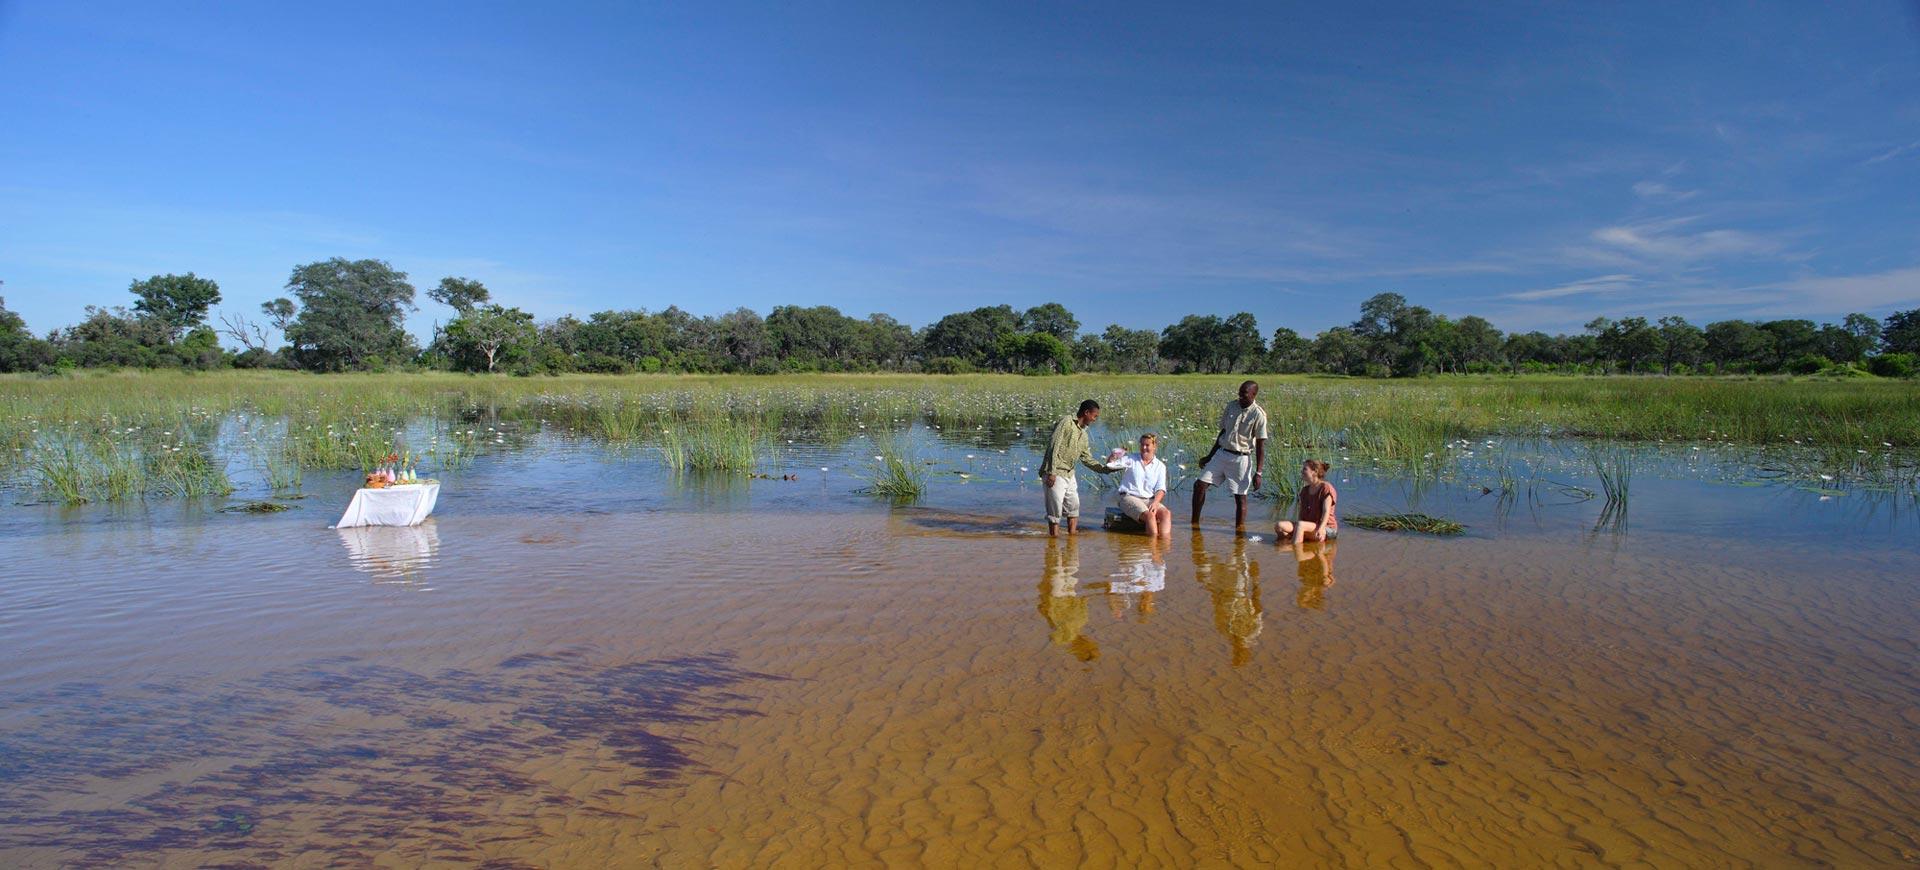 Okavango Delta Xaranna Camp